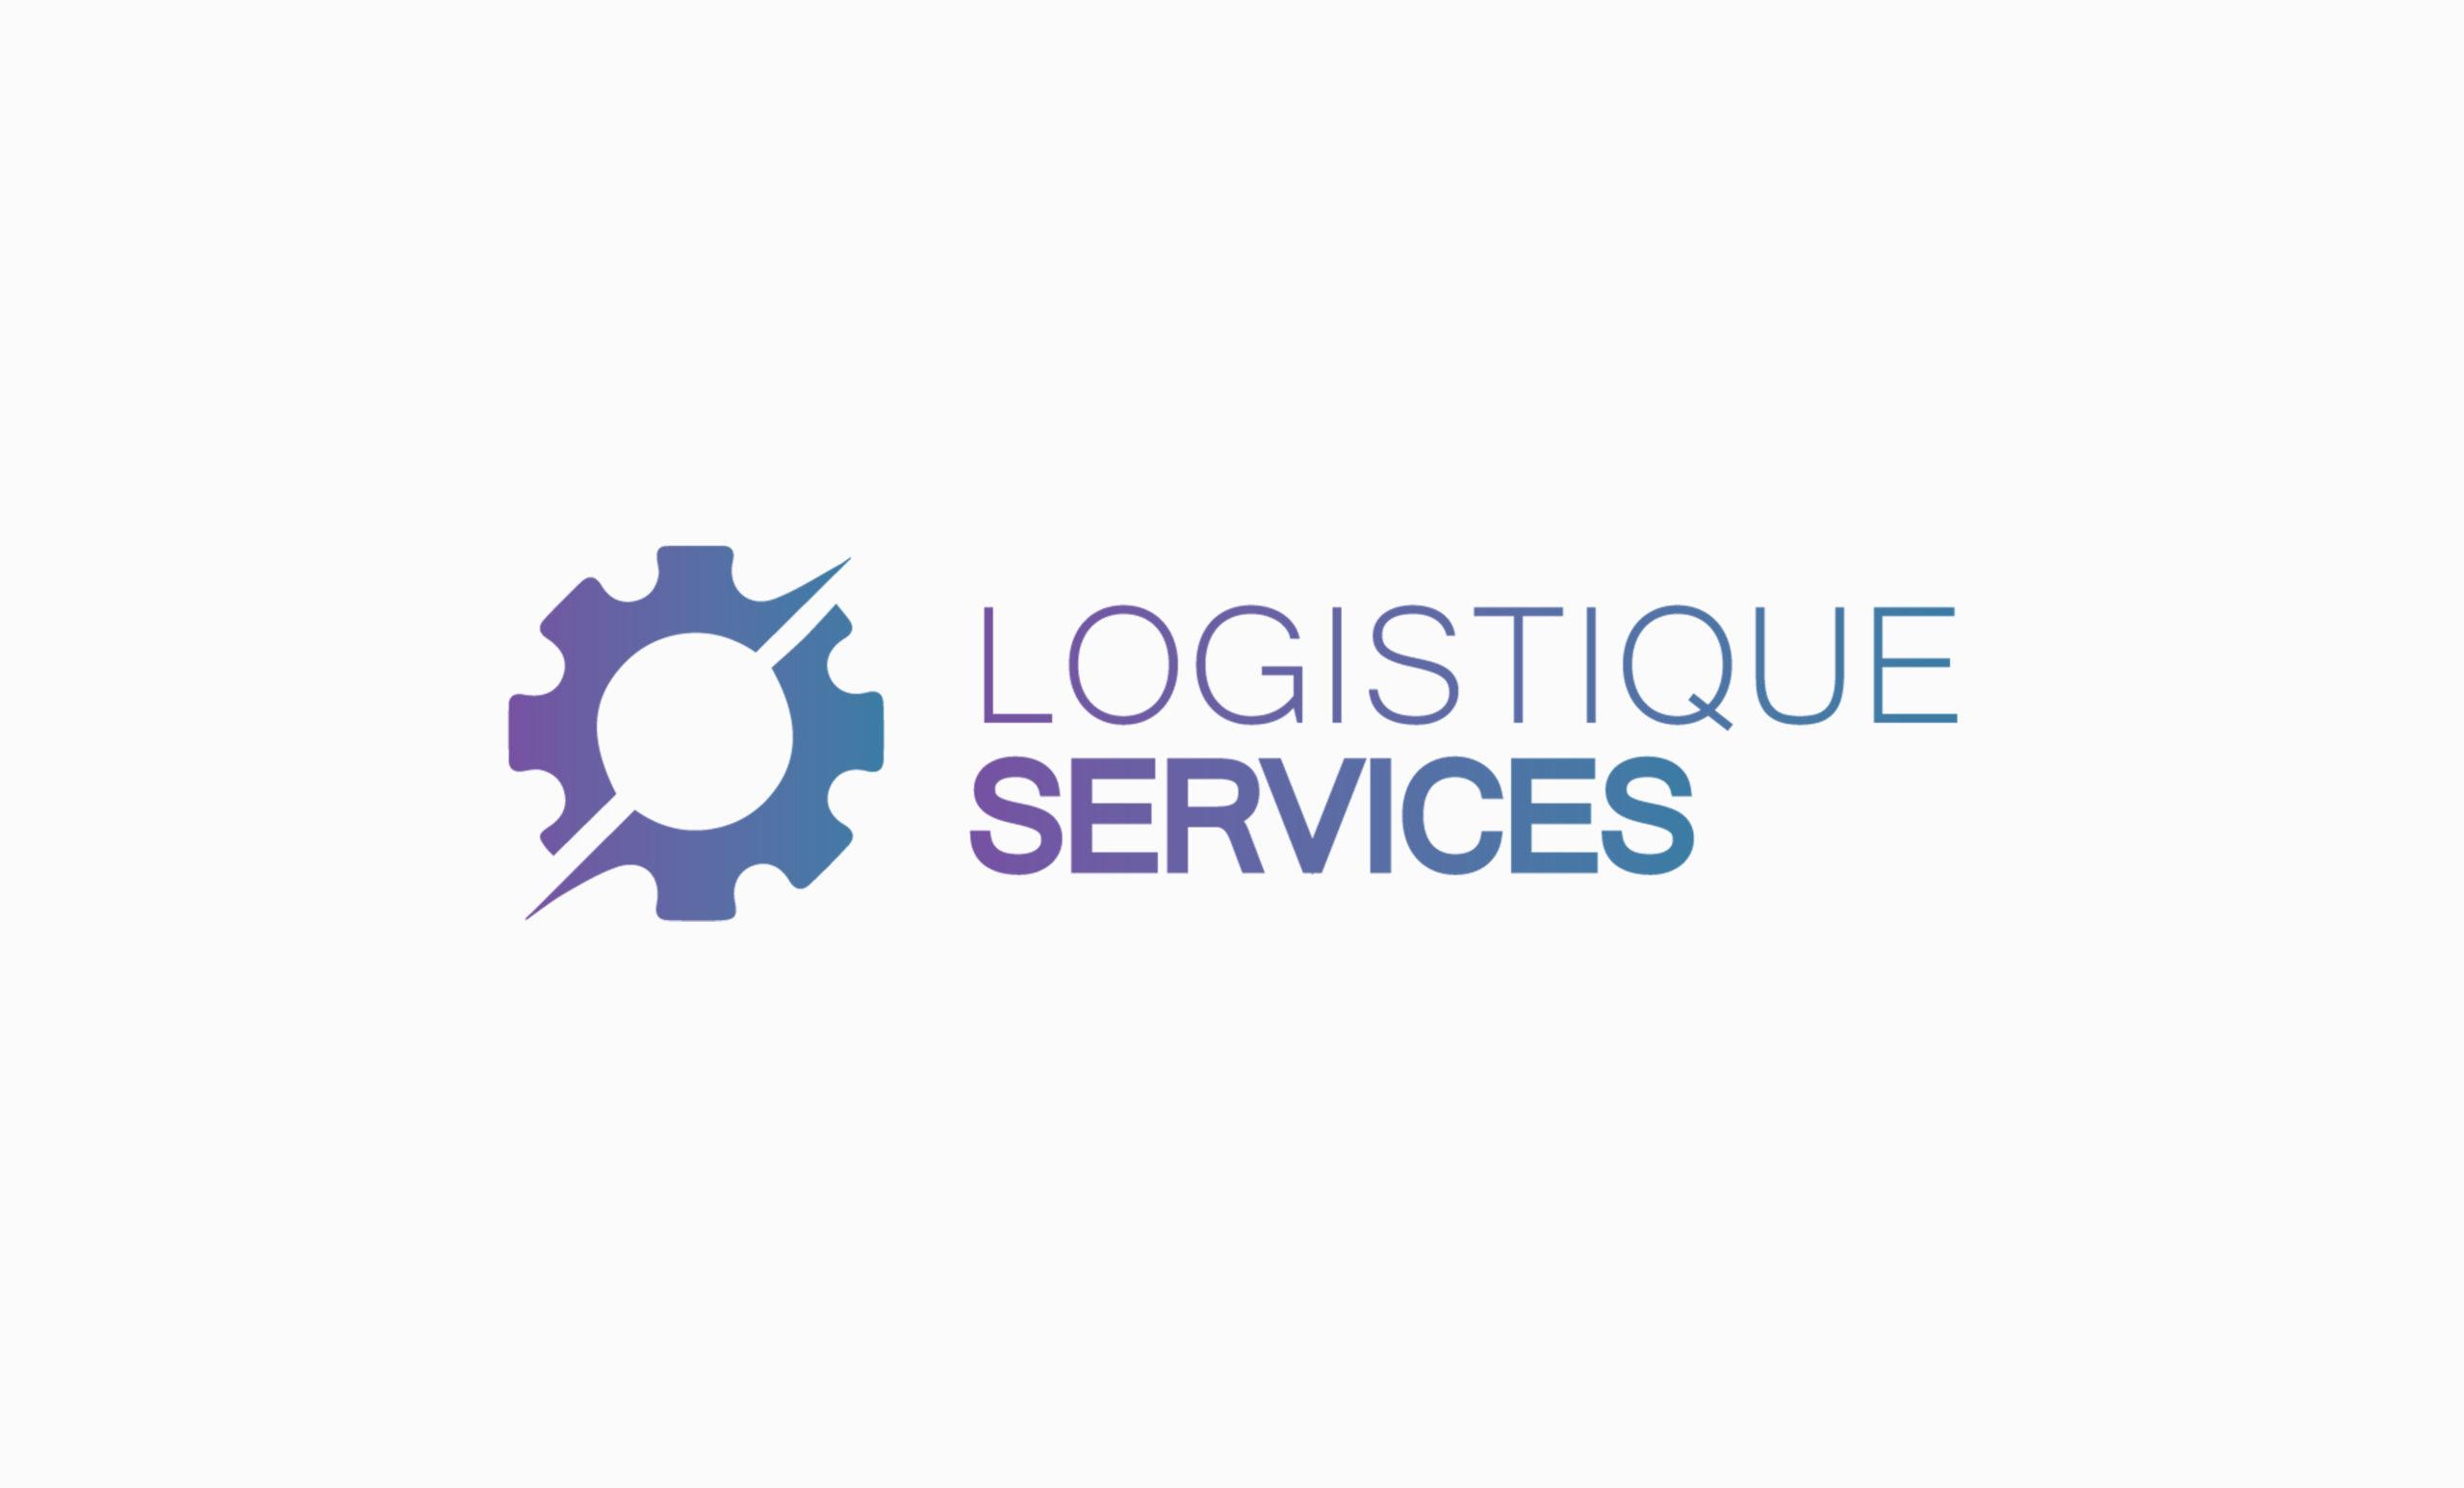 logo-logistique-services